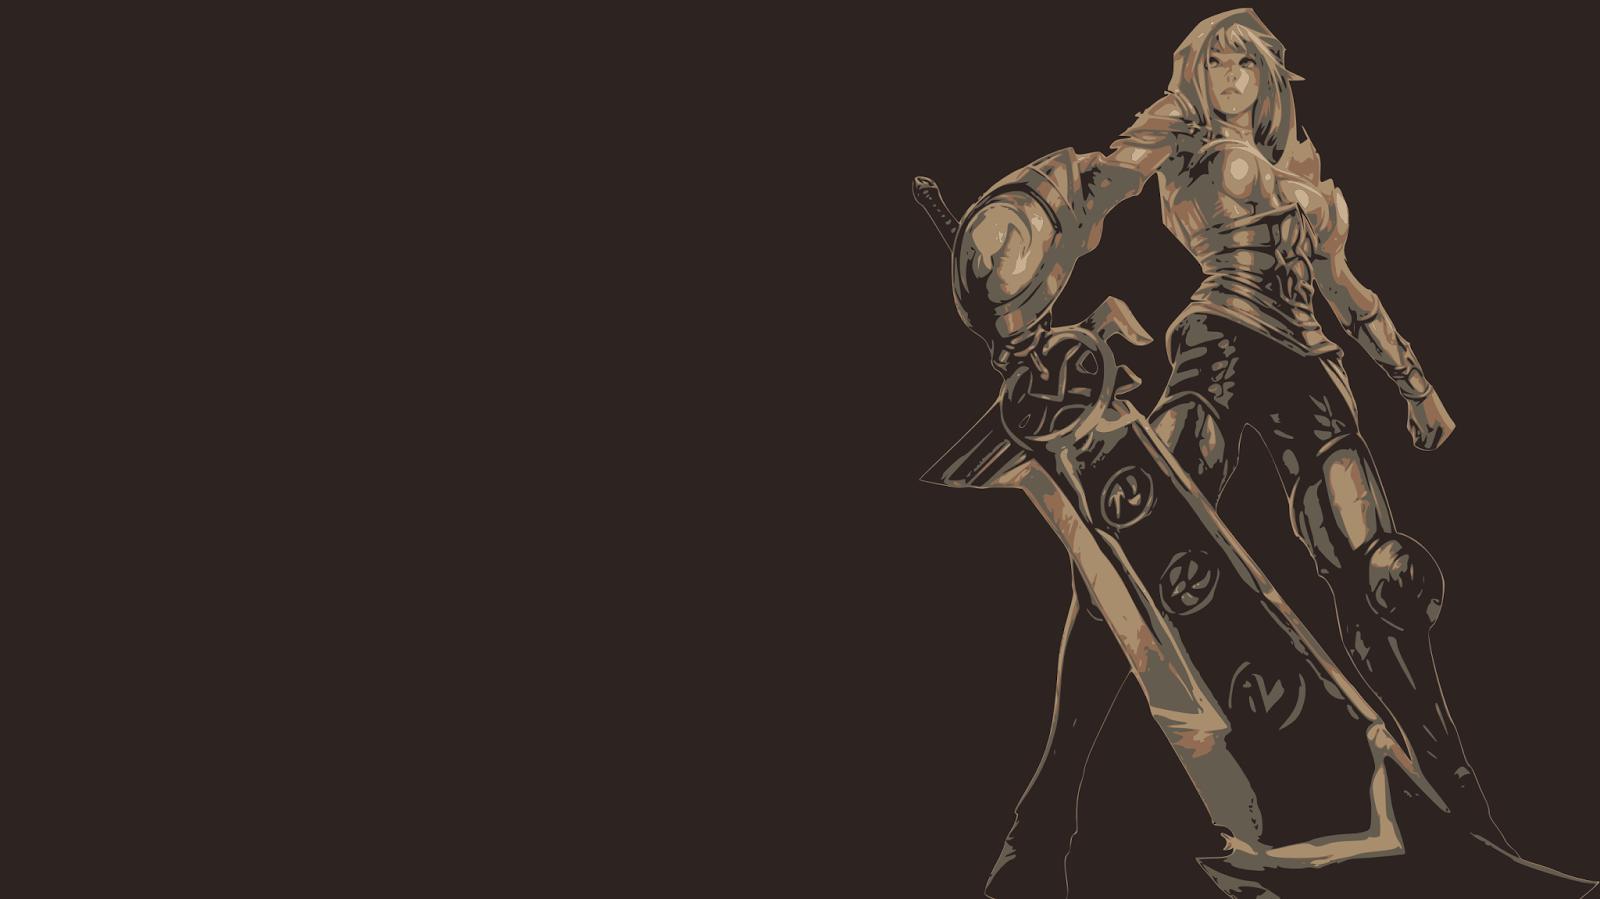 Riven league of legends wallpaper riven desktop wallpaper - League desktop backgrounds ...